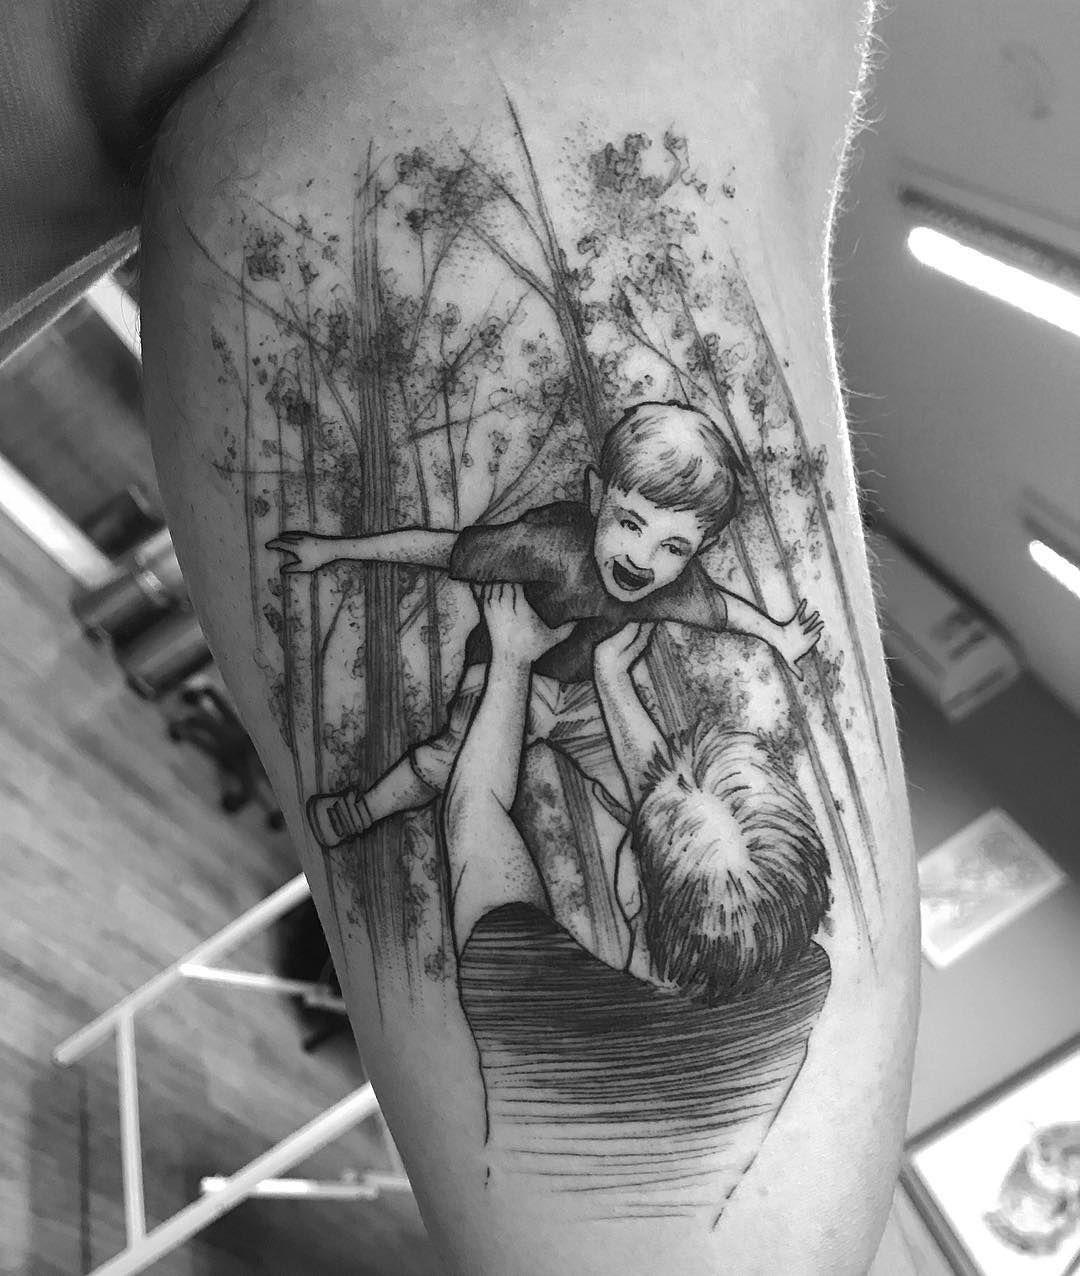 Fotos De Tatuagem De Pai E Filha: Encontre O Tatuador E A Inspiração Perfeita Para Fazer Sua